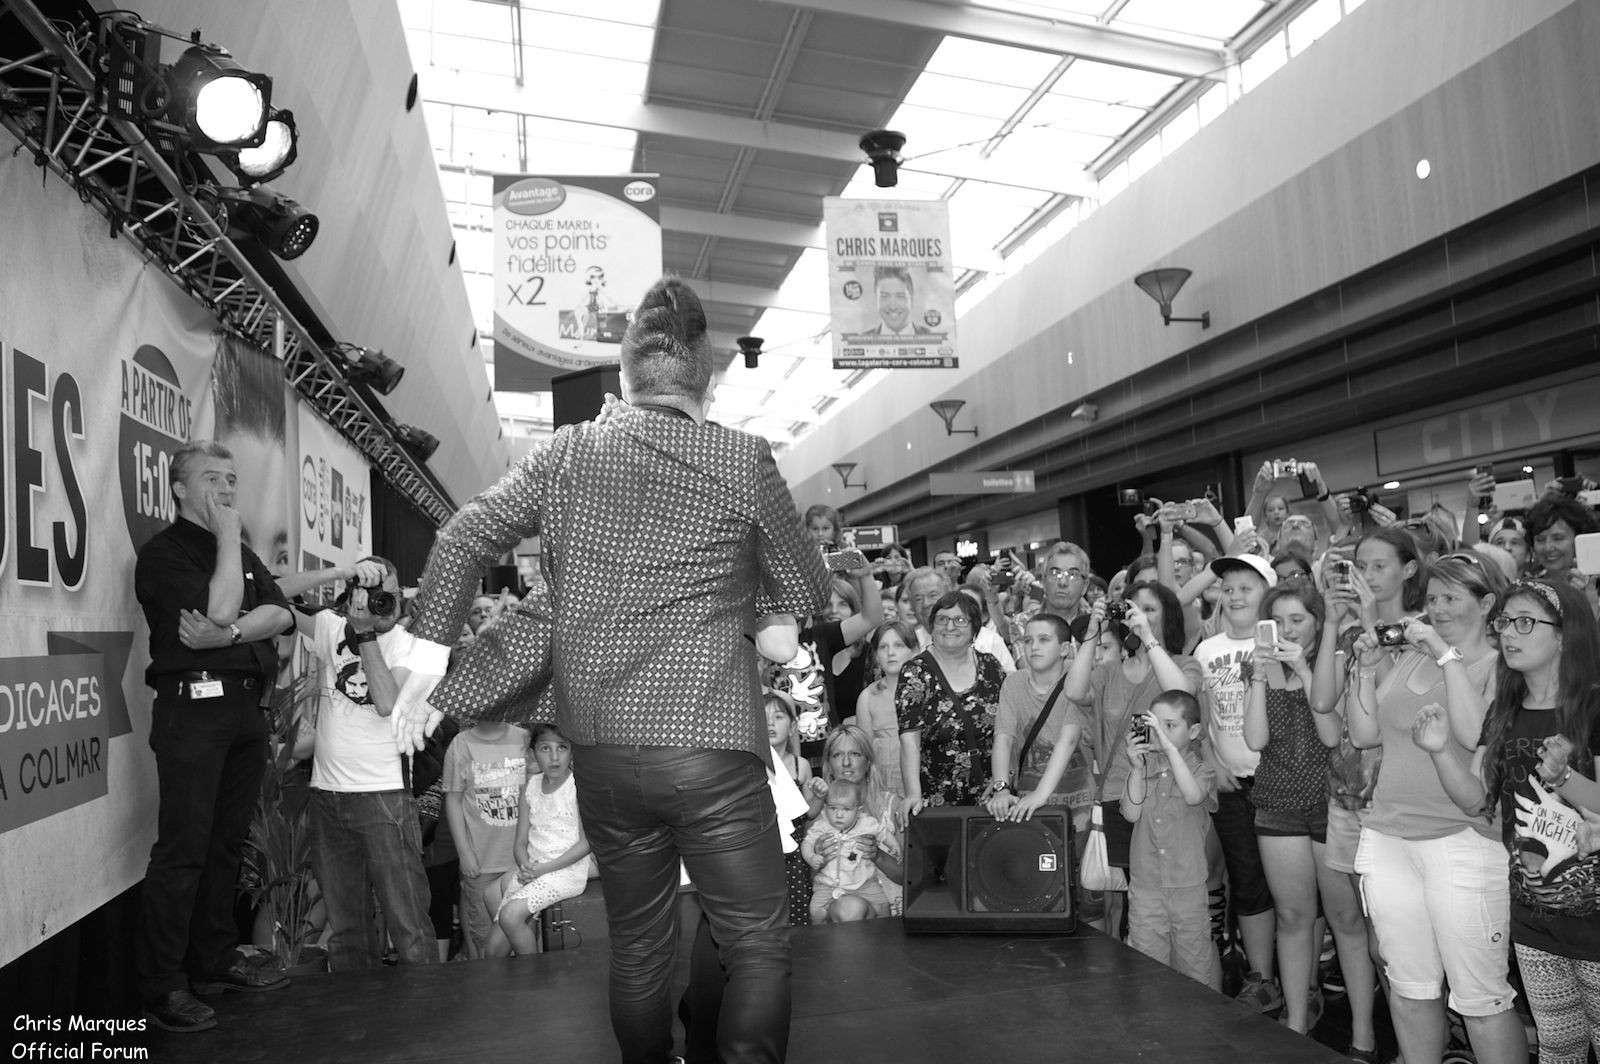 [14.06.2014] Evénement à #Colmar Chris Marques et Jaclyn Spencer pour un Flashmob/Cours de Danse/Dédicaces exceptionnels le tout organisé par la MJC de Colmar 12911